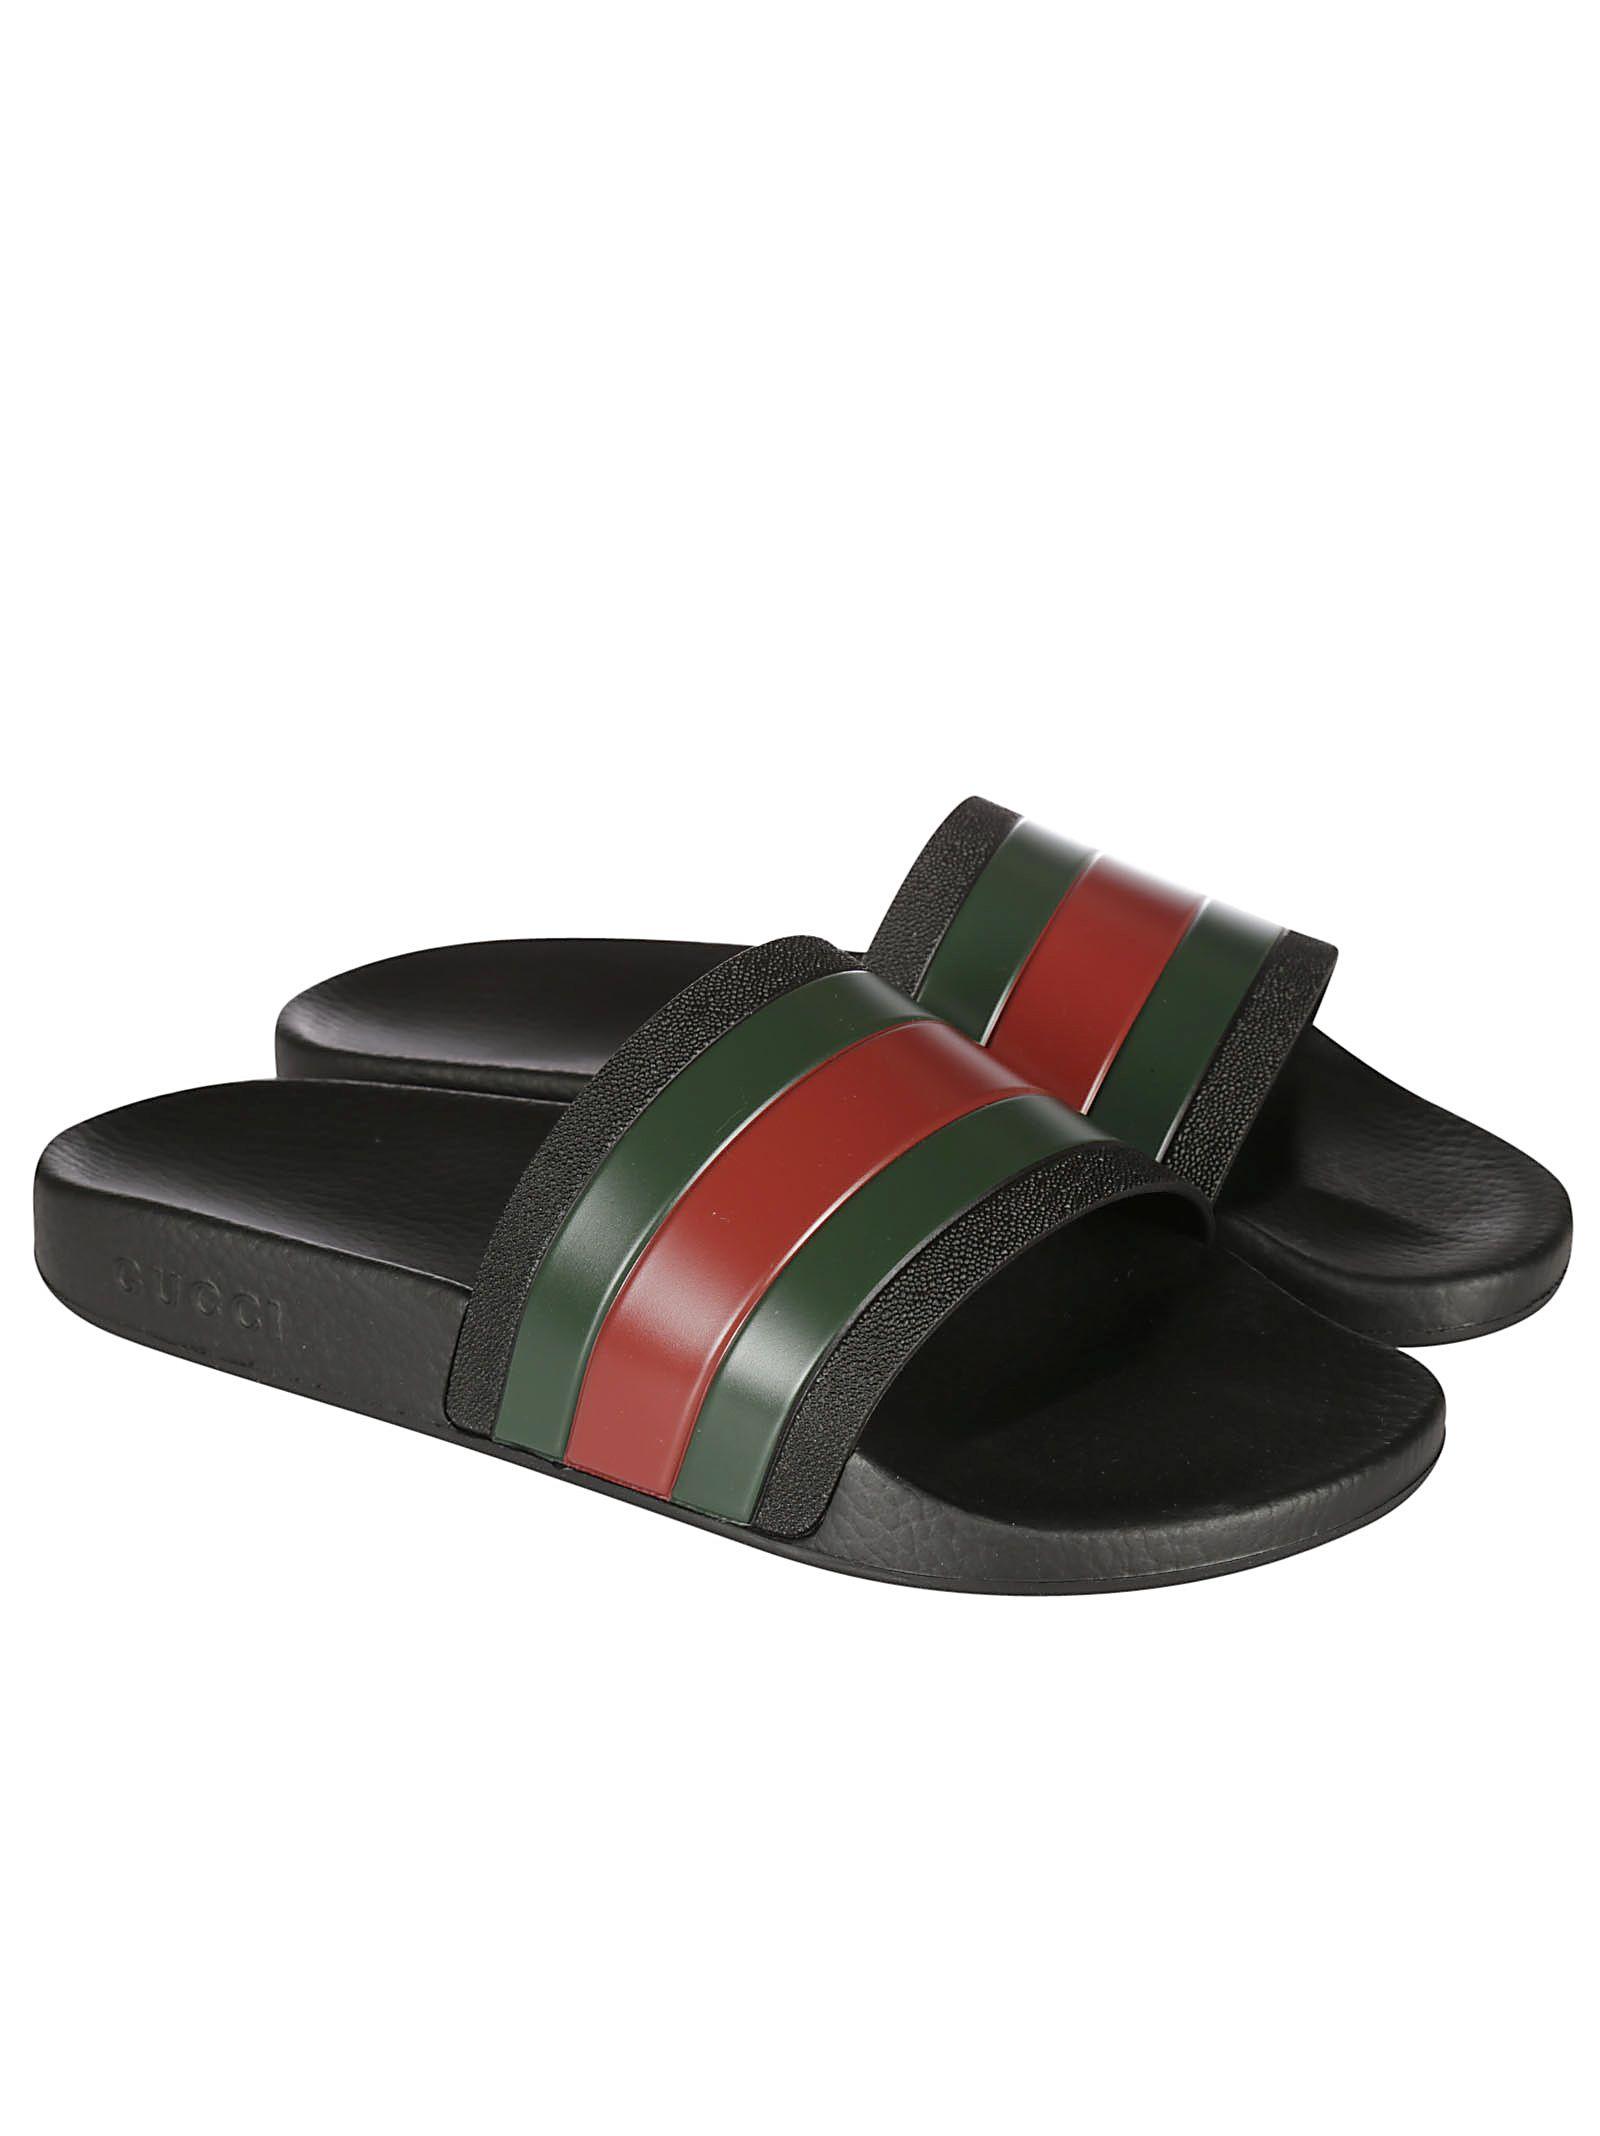 Original Jordan Shoes Air Jordan 1 6 Rings White Black Red Shoes [18og] -.